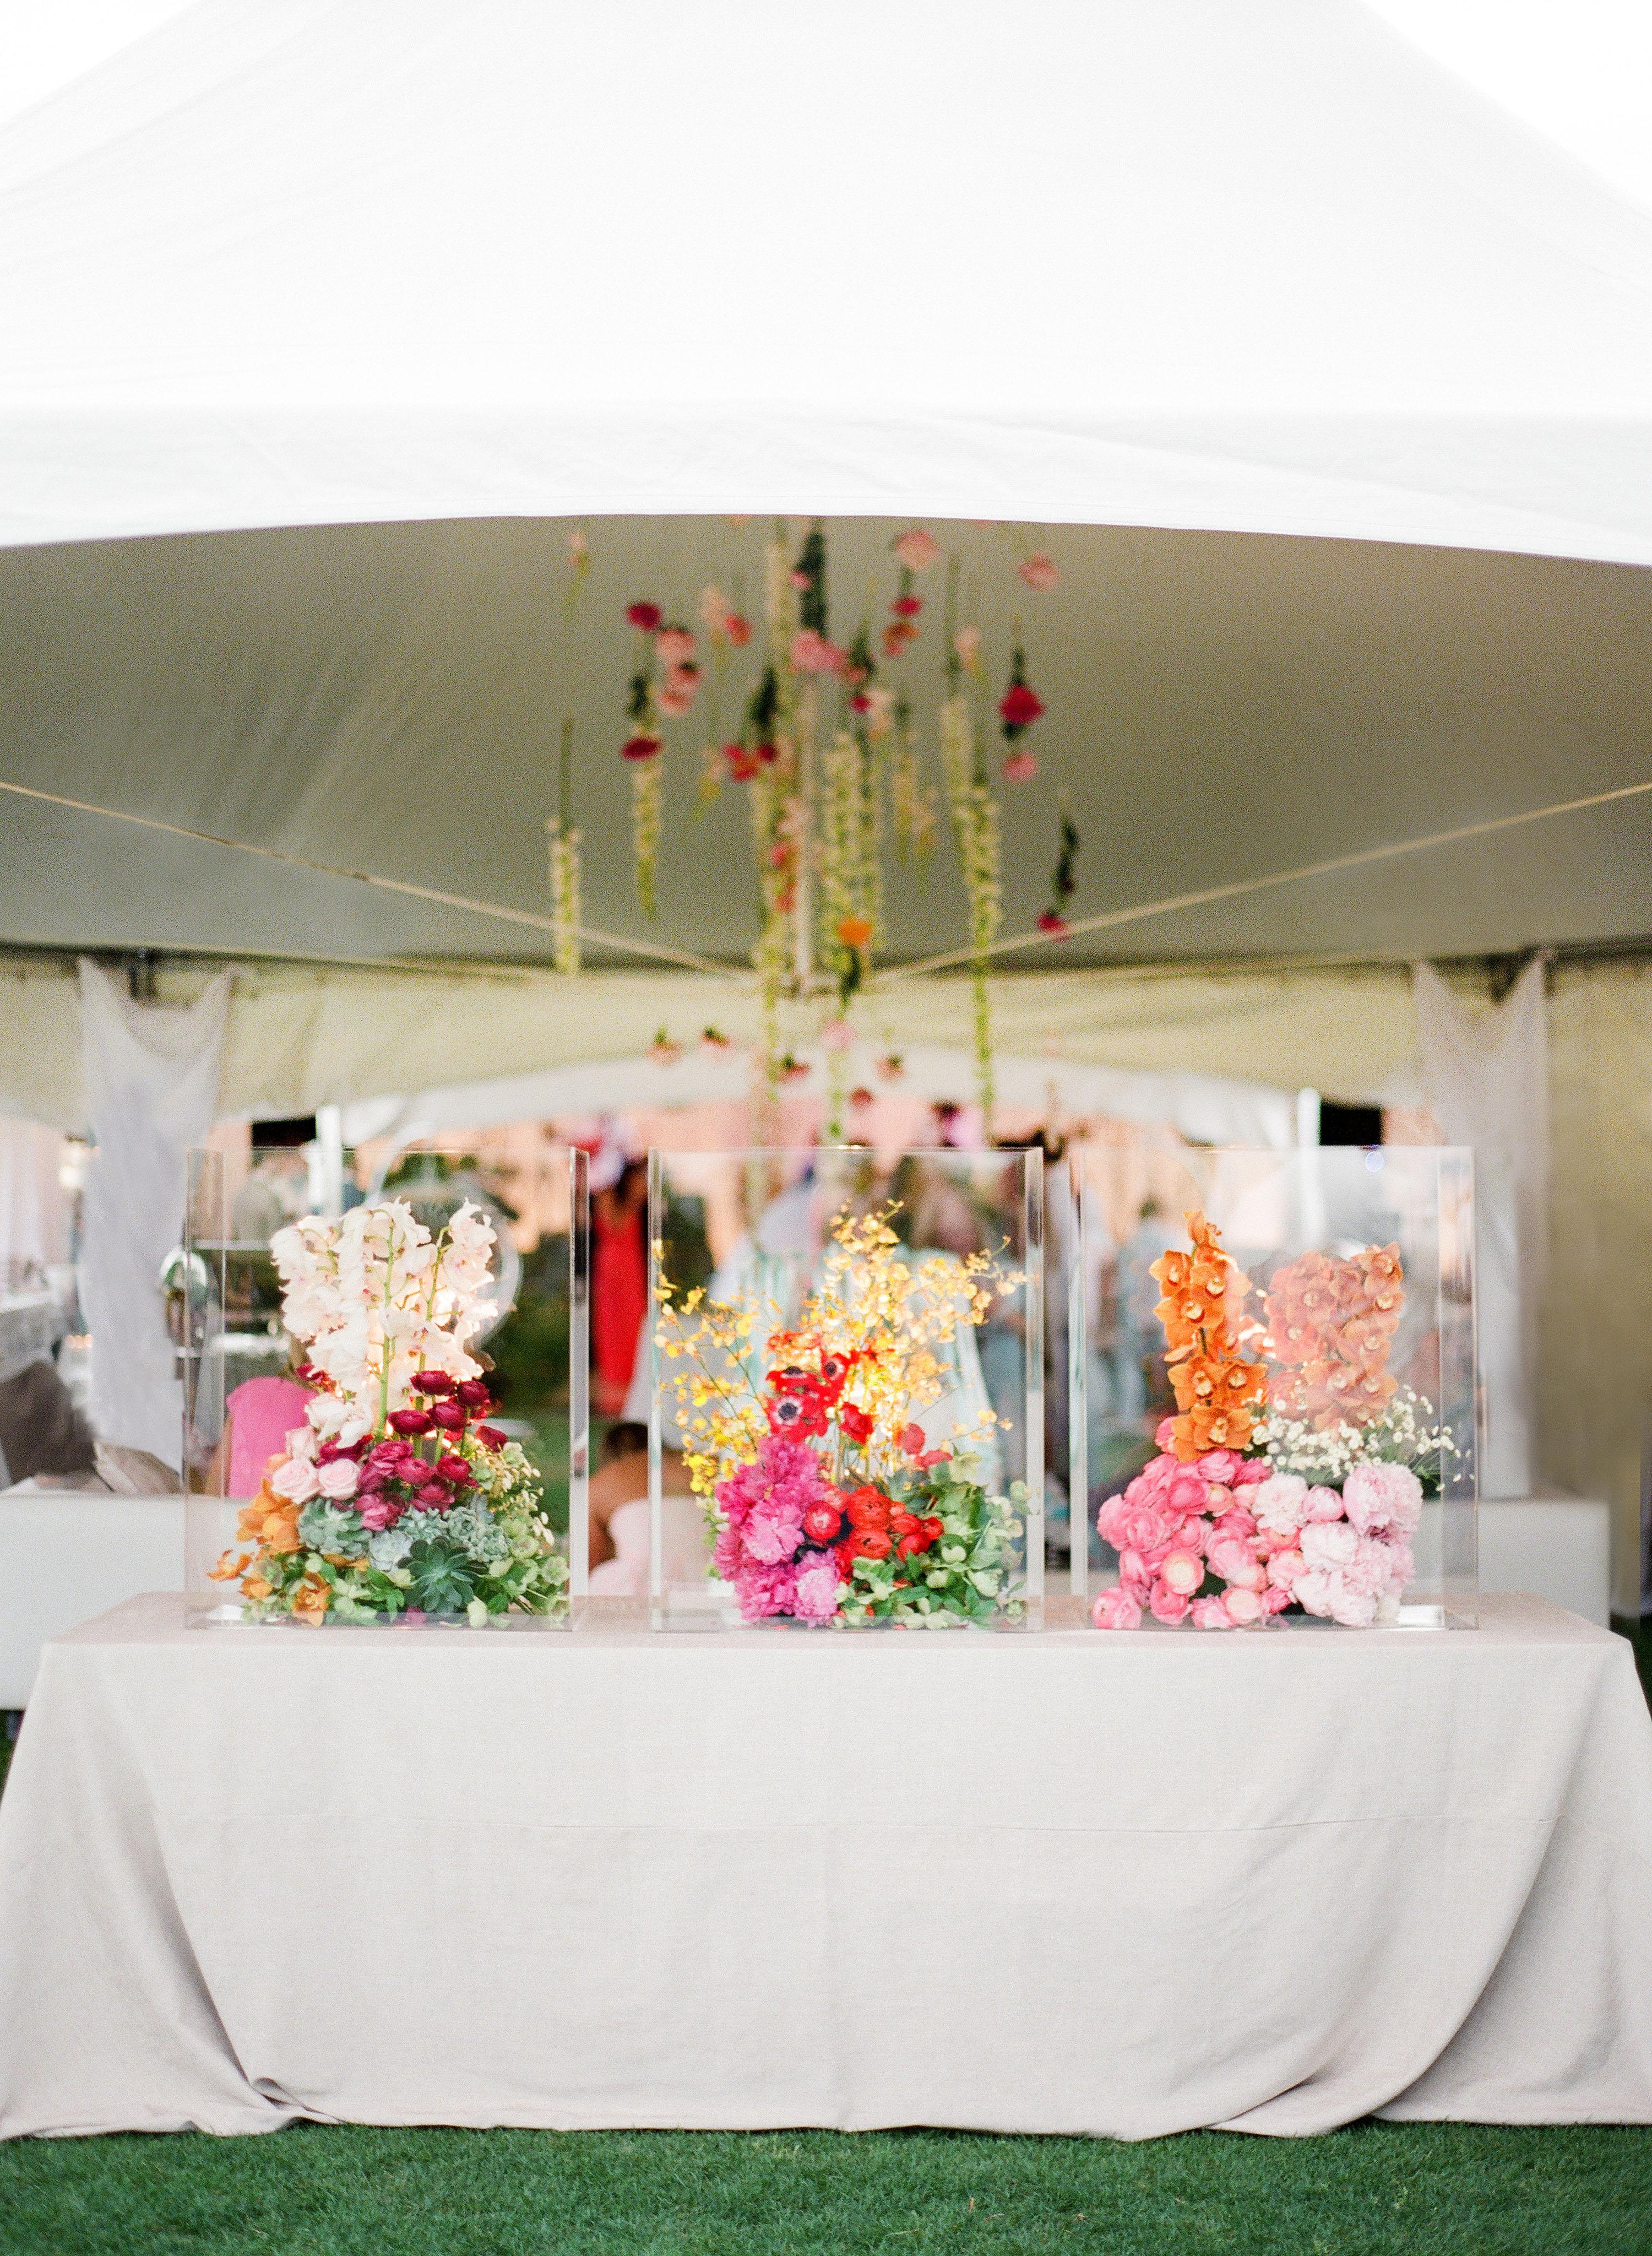 wedding floral display